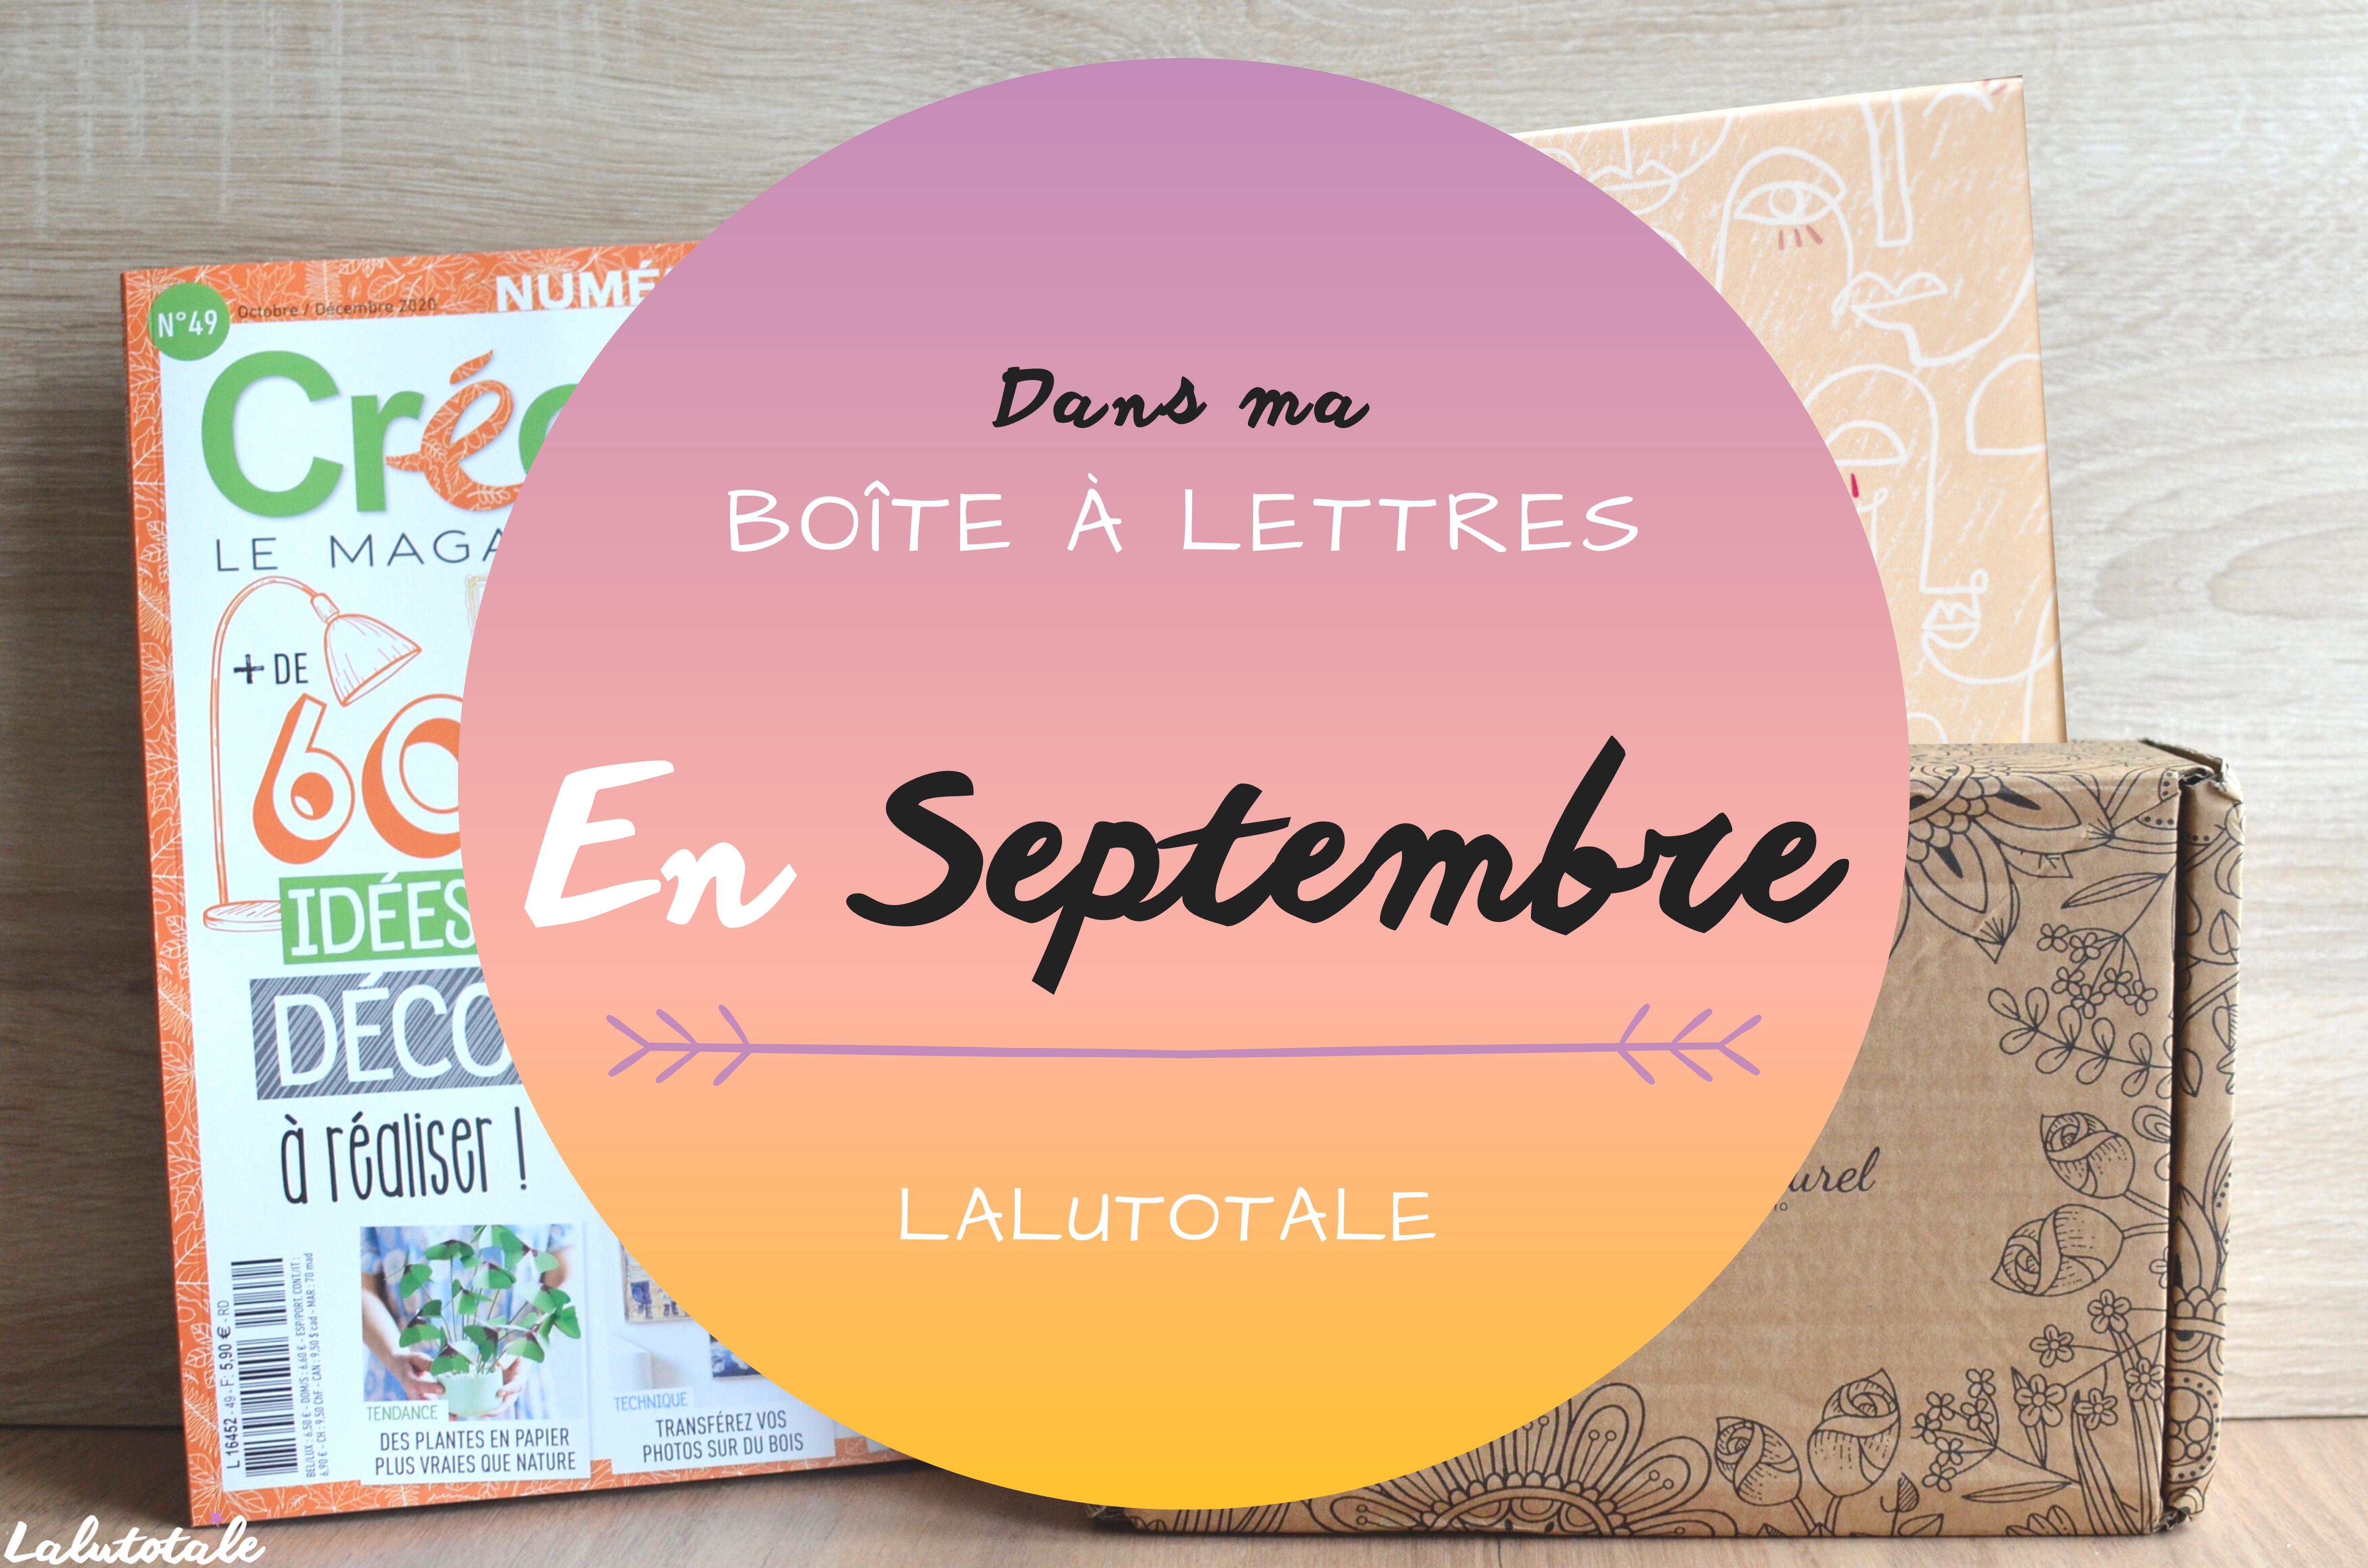 Haul les coeurs en Septembre ! Boîte à lettres et résumé du mois 📬.